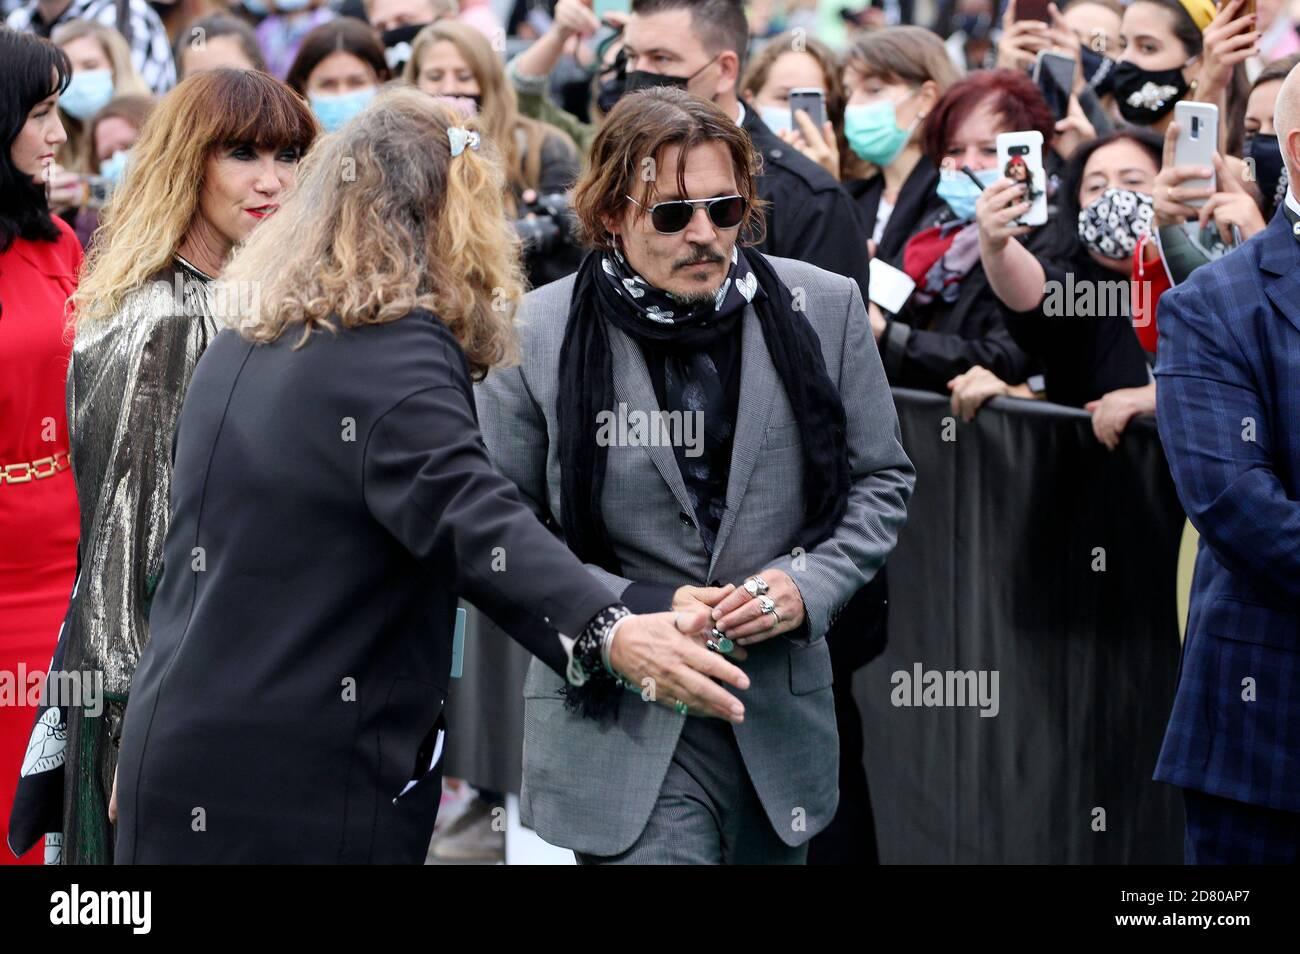 Johnny Depp partecipa al 'Crock of Gold: A pochi round con Shane McGowan' in anteprima durante il 16° Festival del Cinema di Zurigo a Kino corso il 02 ottobre 2020 a Zurigo, Svizzera. Foto Stock